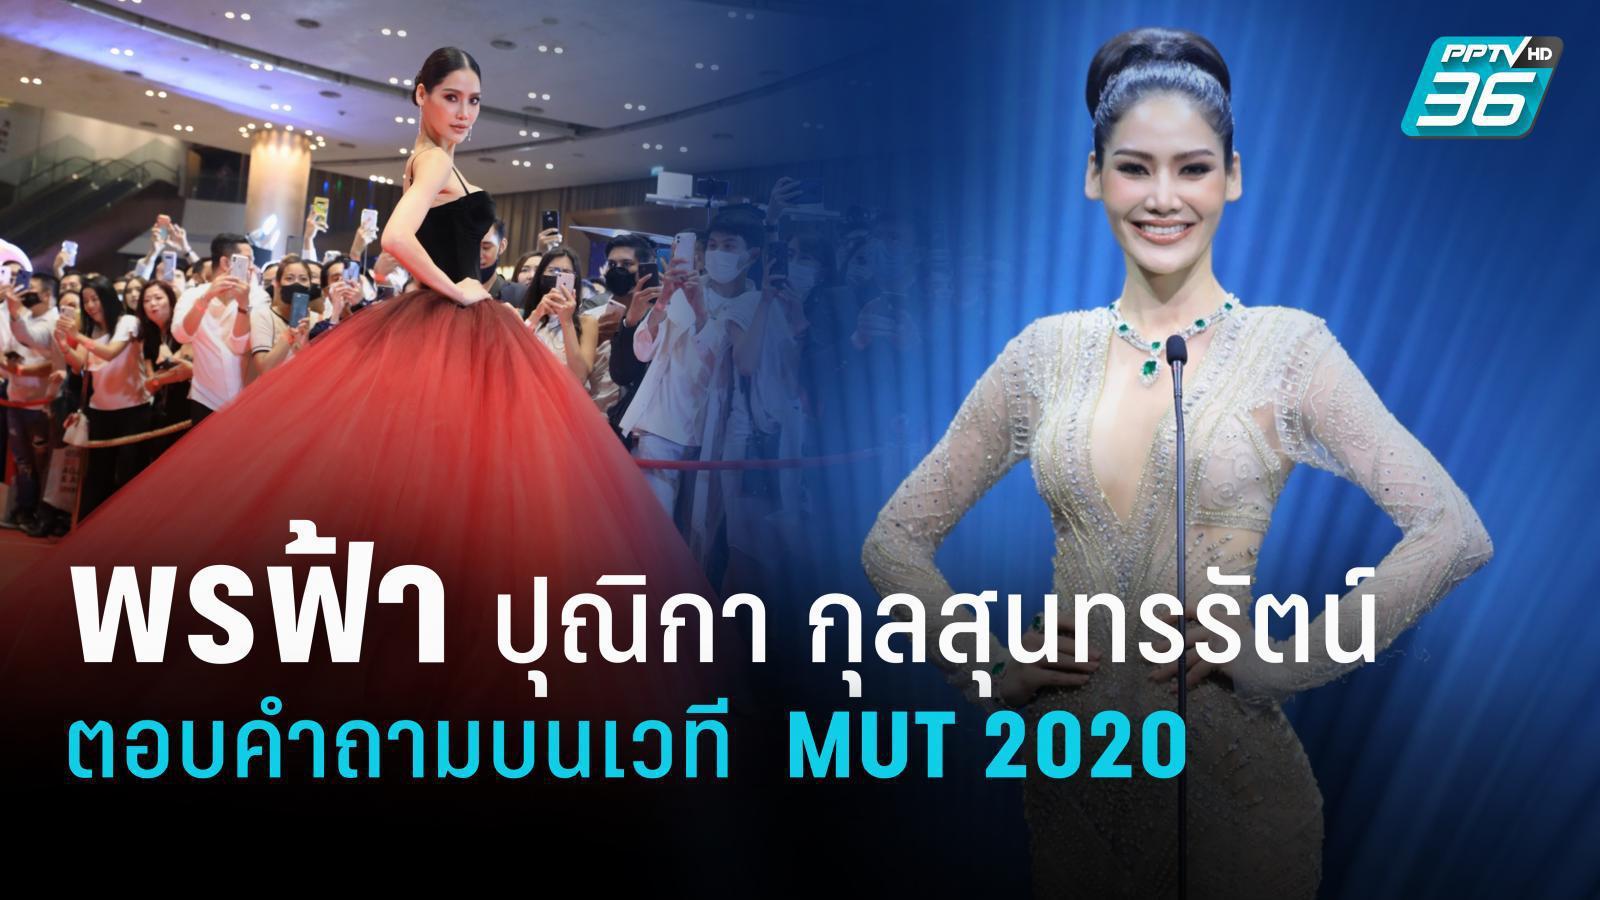 พรฟ้า - ปุณิกา กุลสุนทรรัตน์ | ตอบคำถามบนเวที Miss Universe Thailand 2020